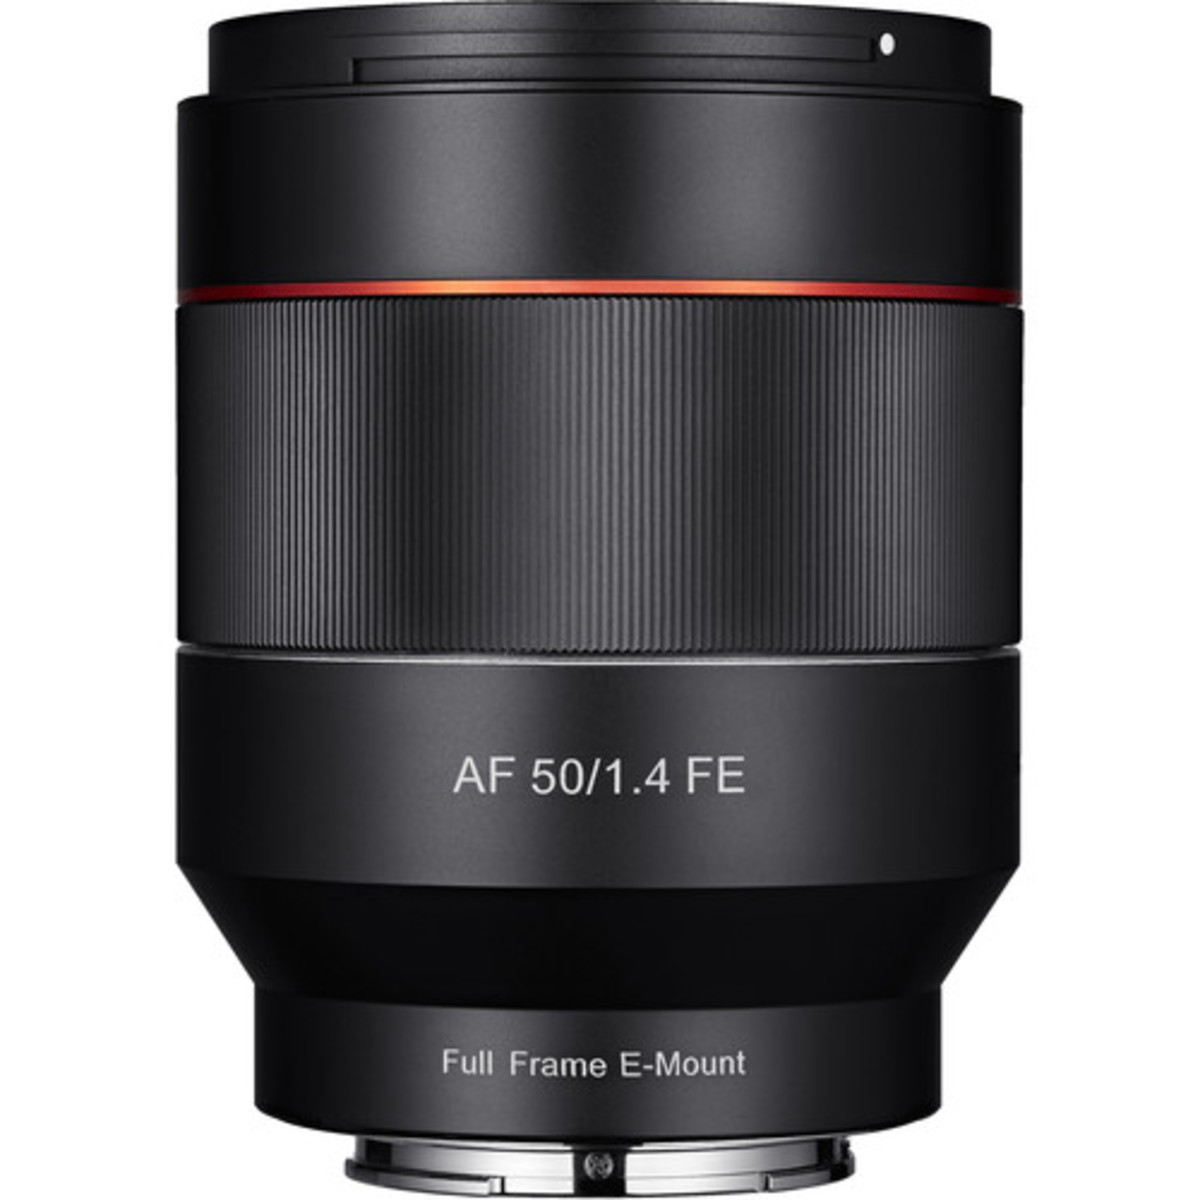 Samyang AF 50mm f/1.4 FE Lens - [For Sony E] (Parallel imported)